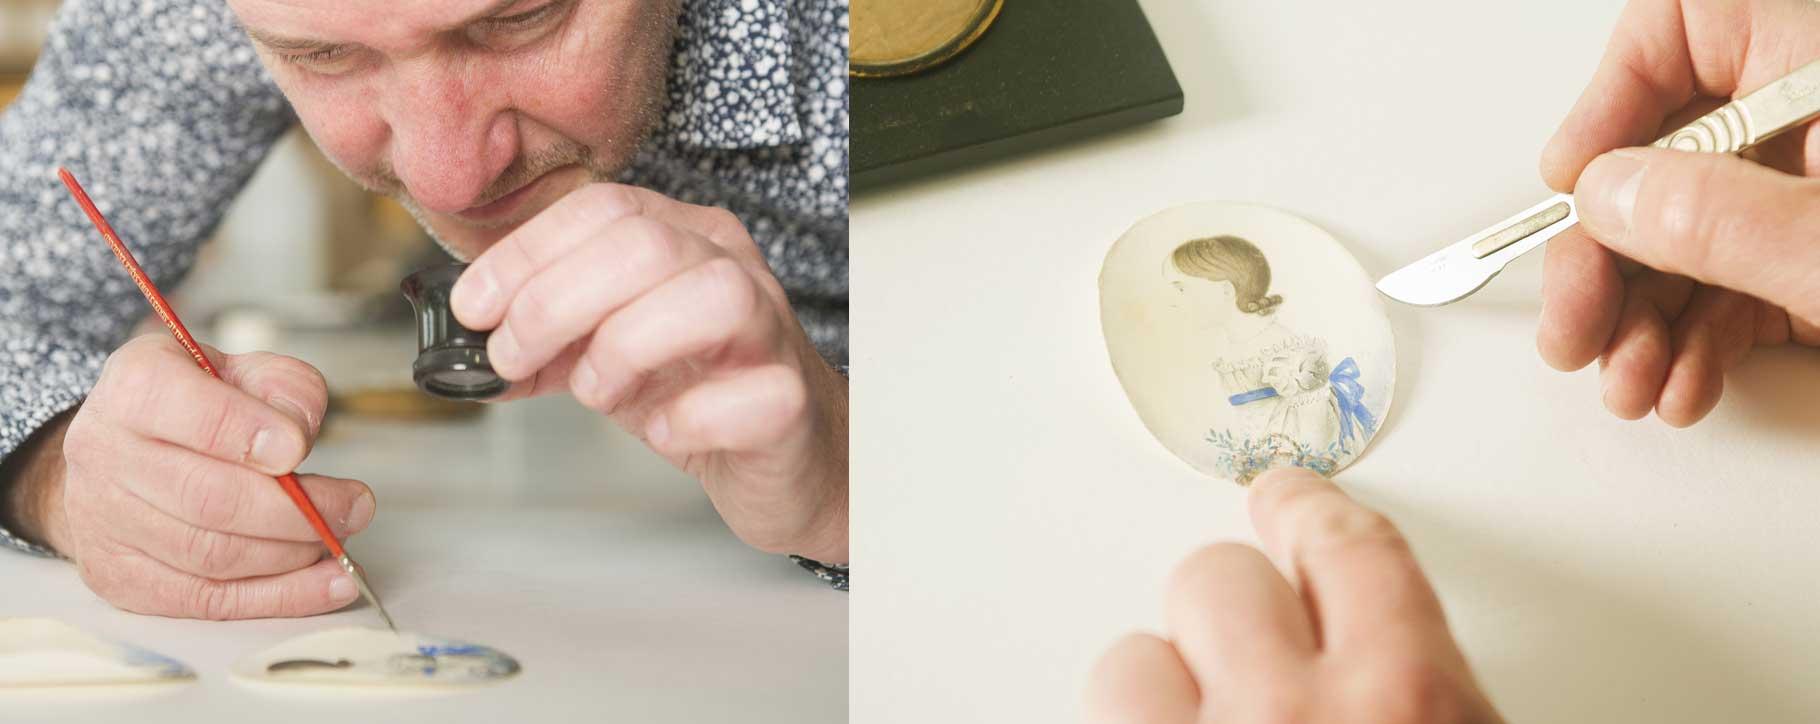 Miniature restoration